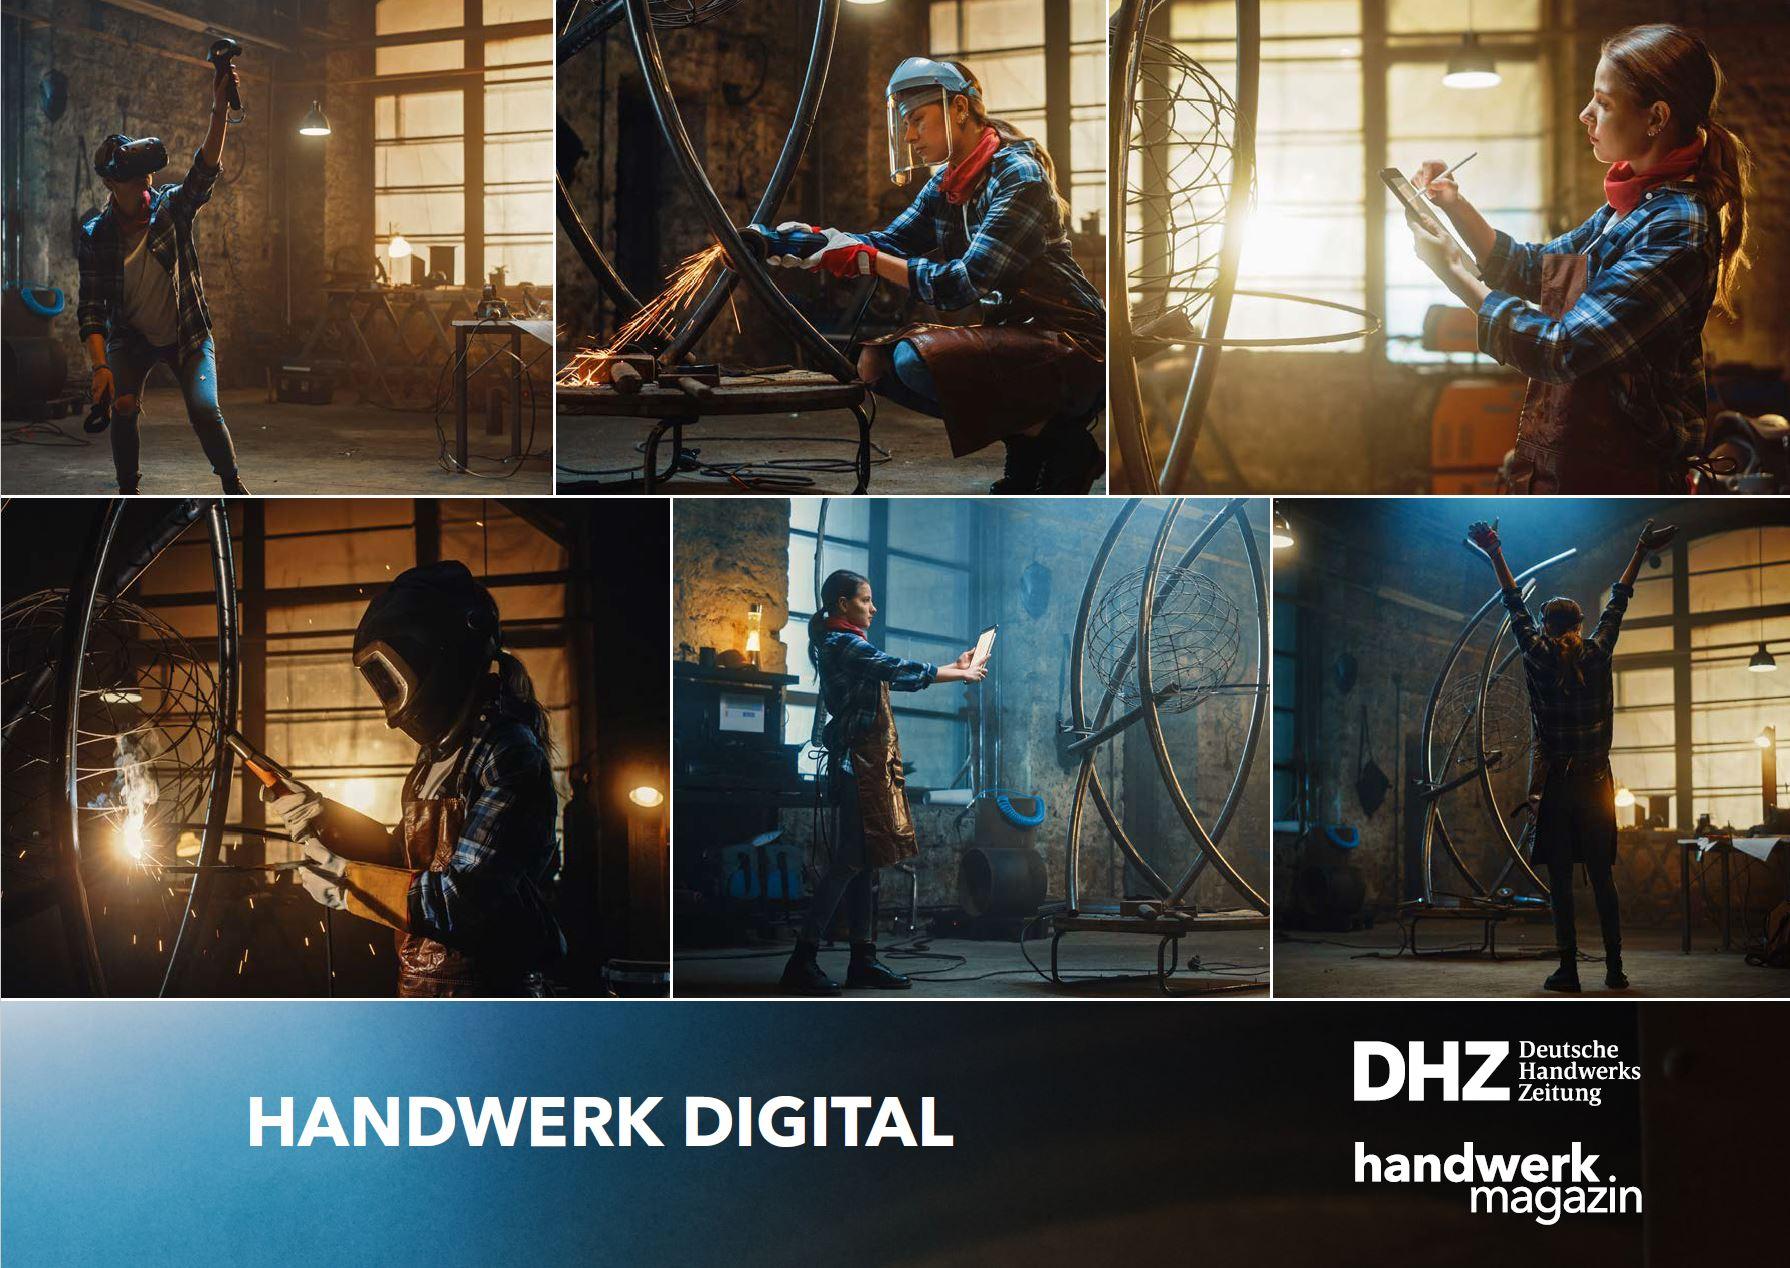 Handwerk Digital_DHZ_handwerk-magazin